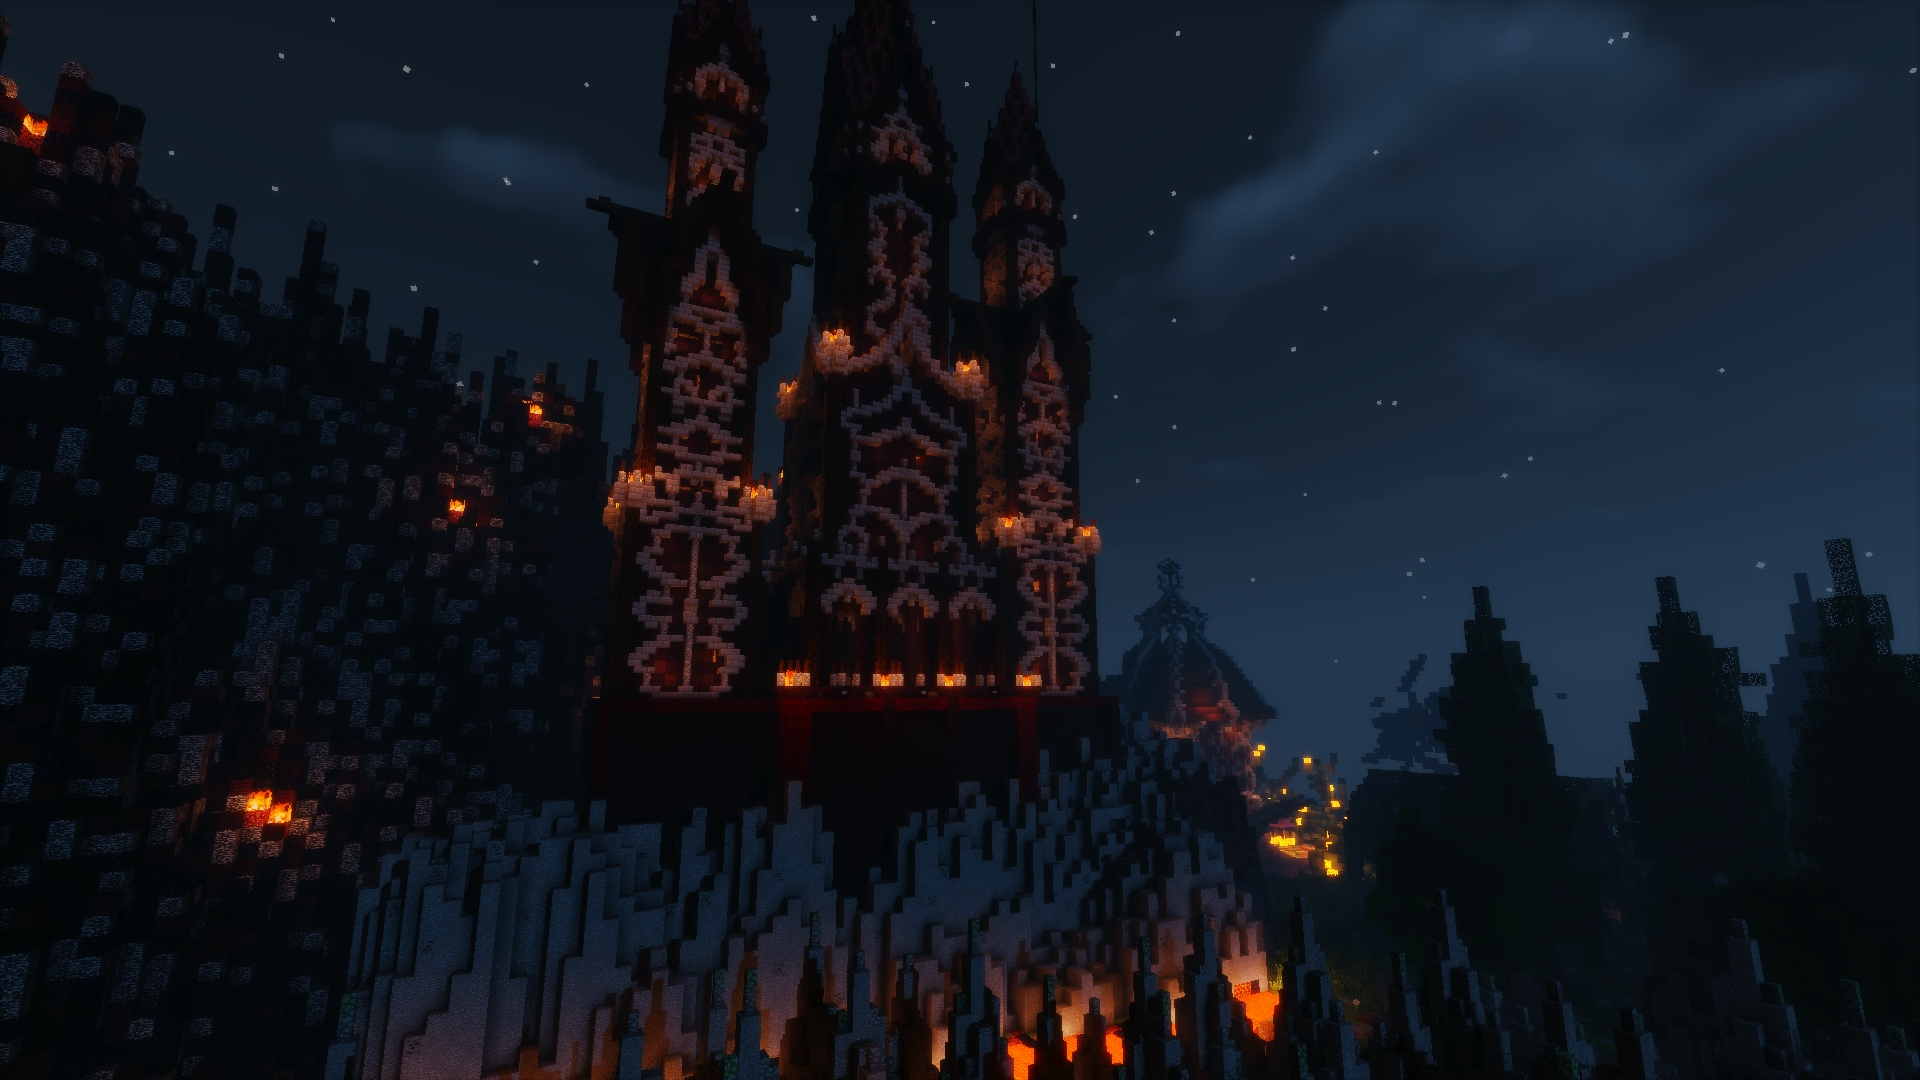 C'est le châteaux du seigneur des iles de fer non ?